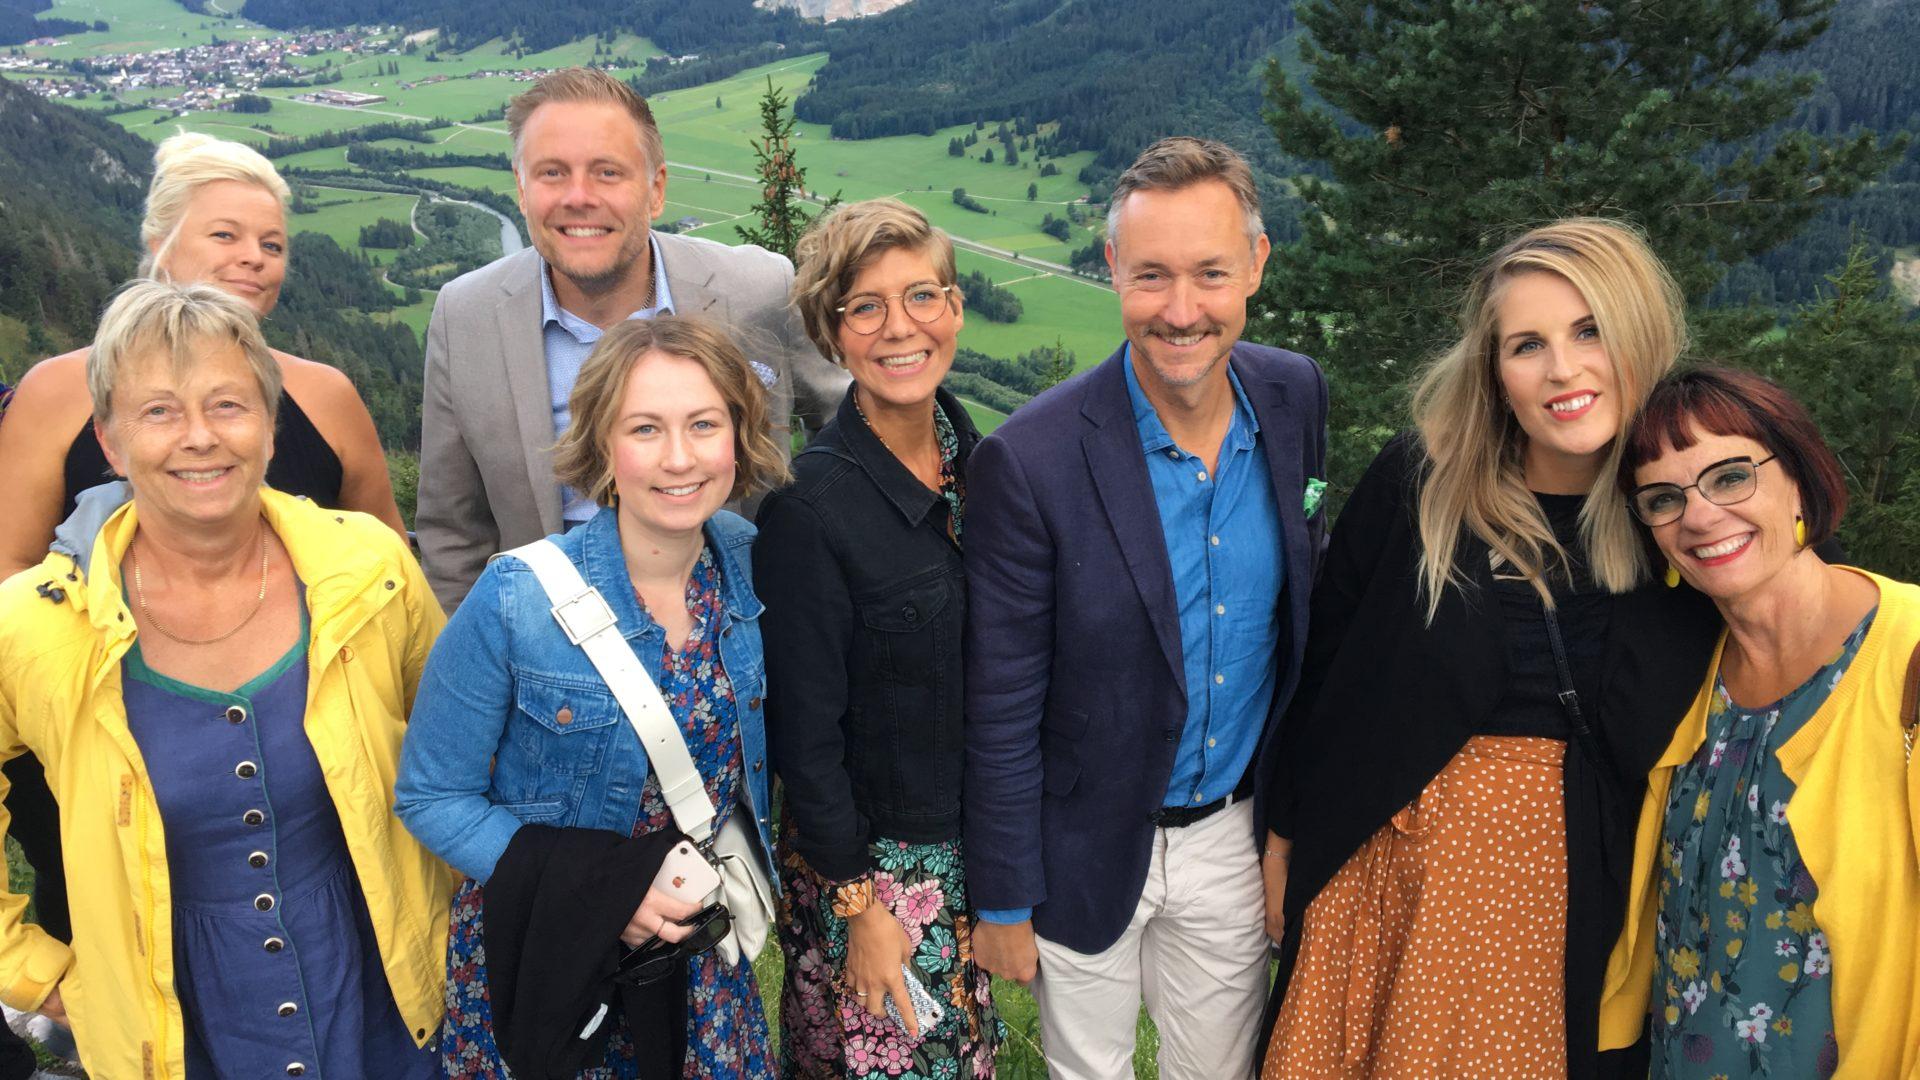 Gruppbild på några av Tele Coachings medarbetare från ett berg i Füssen.